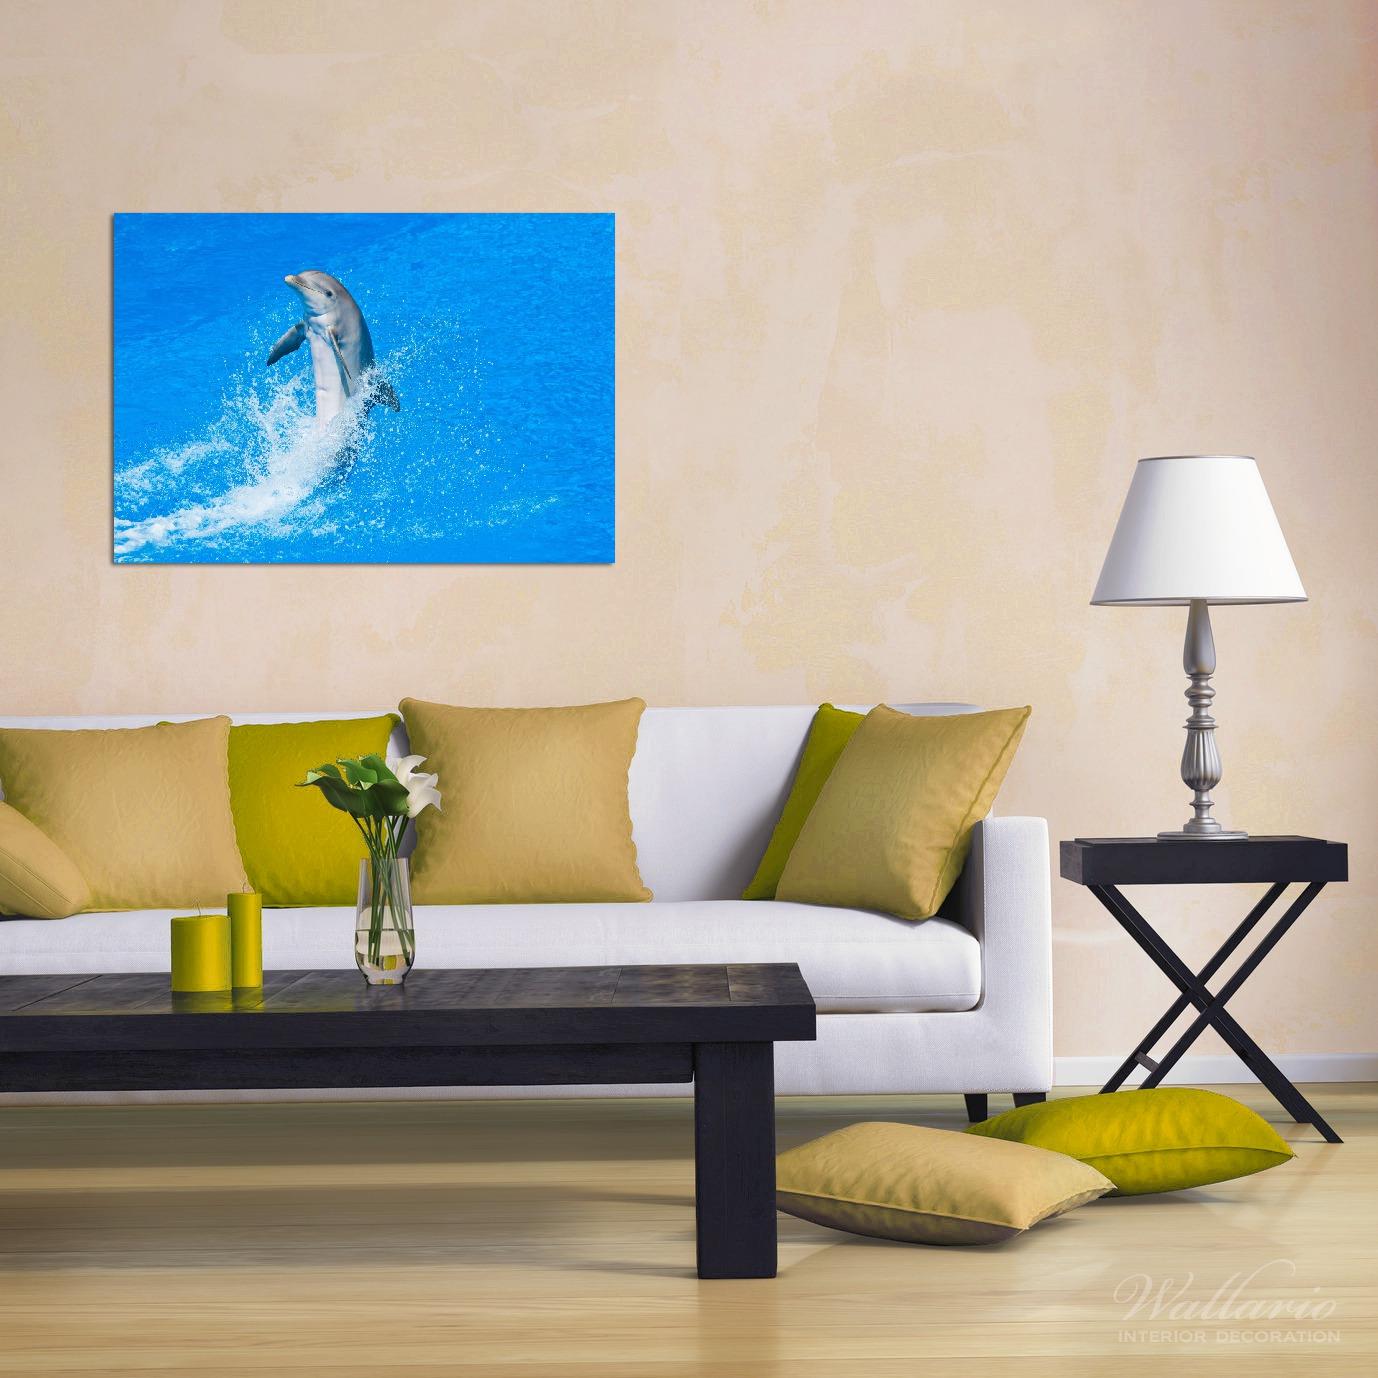 Wandbild Fröhlicher Delfin im blauen Wasser – Bild 2